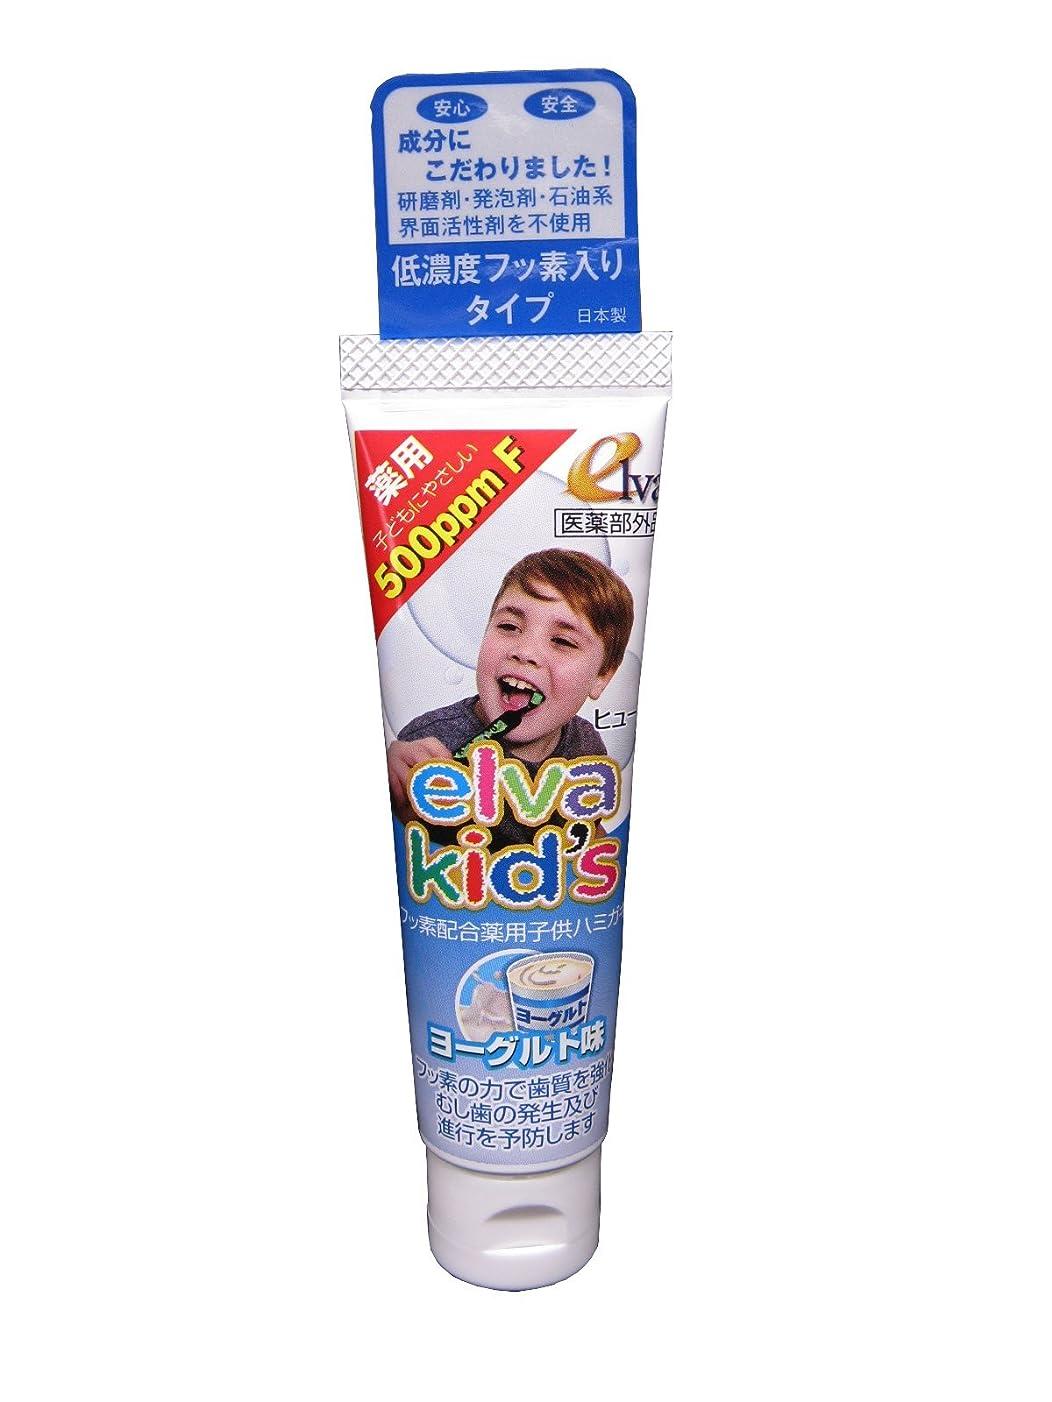 アルファベット順エスカレーター無駄なエルバキッズ お母さんも安心のこだわりの歯磨き粉 フッ素あり ヨーグルト味 2個セット